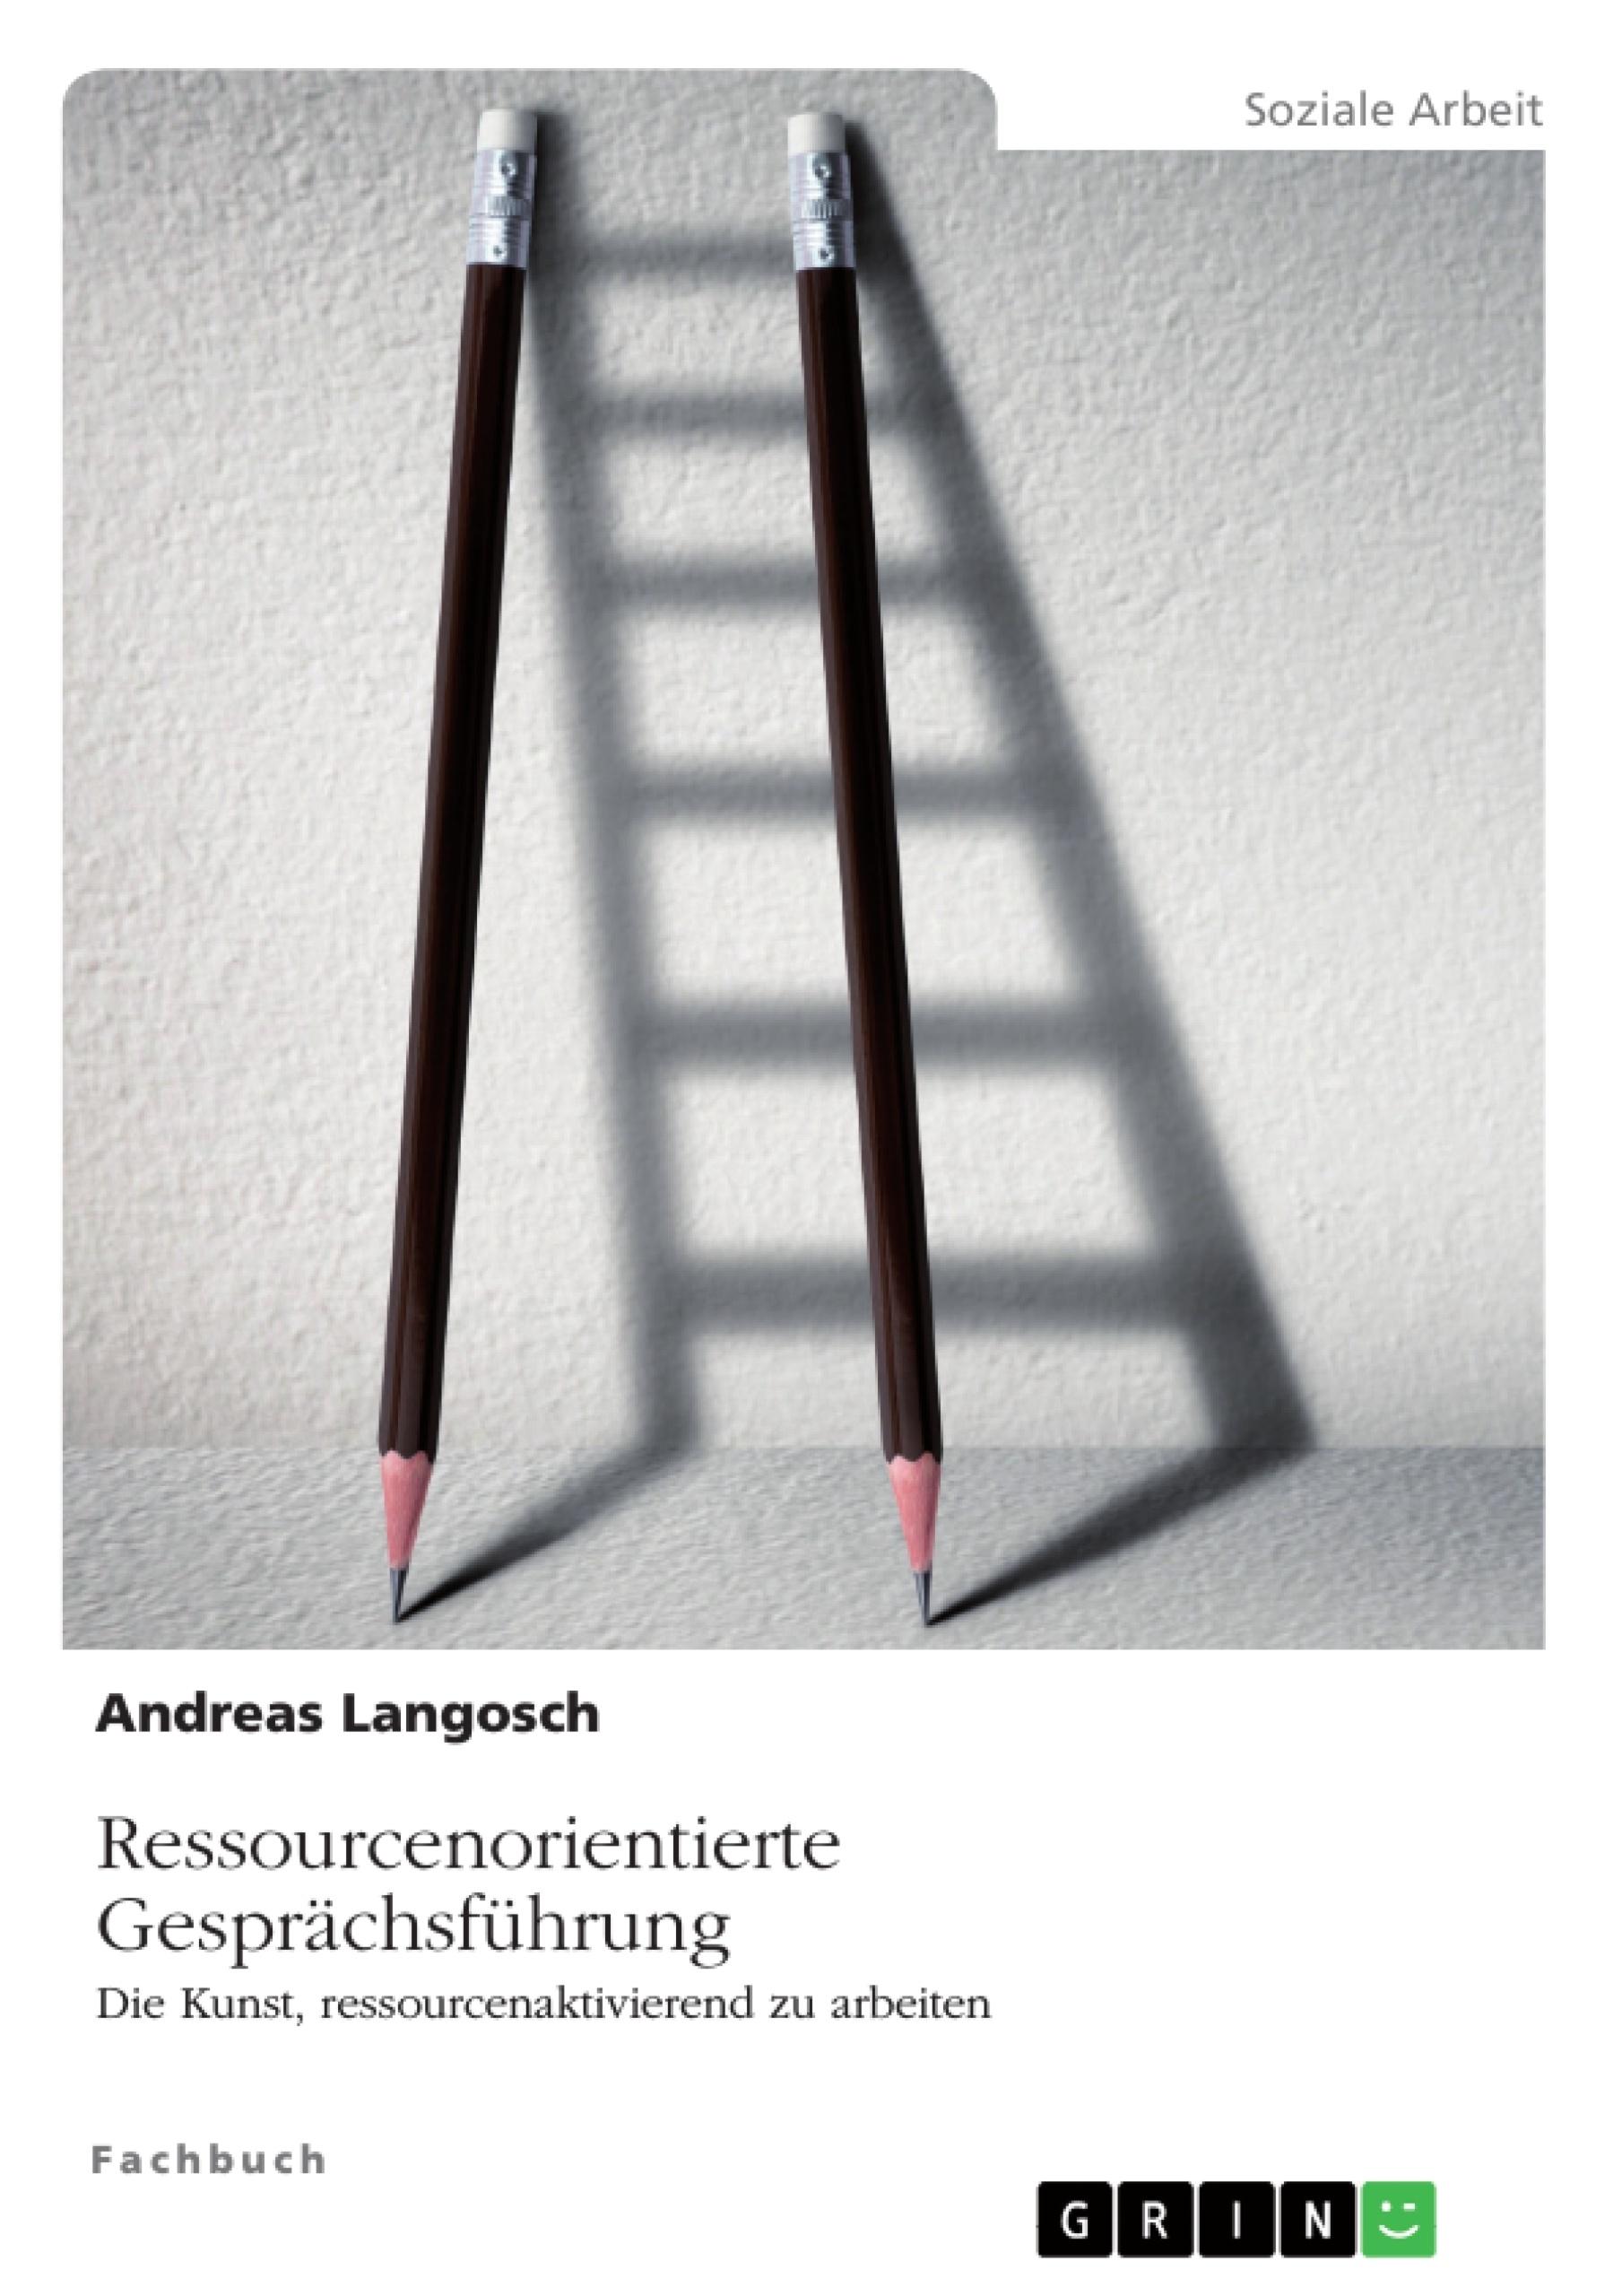 Titel: Ressourcenorientierte Gesprächsführung. Die Kunst, ressourcenaktivierend zu arbeiten